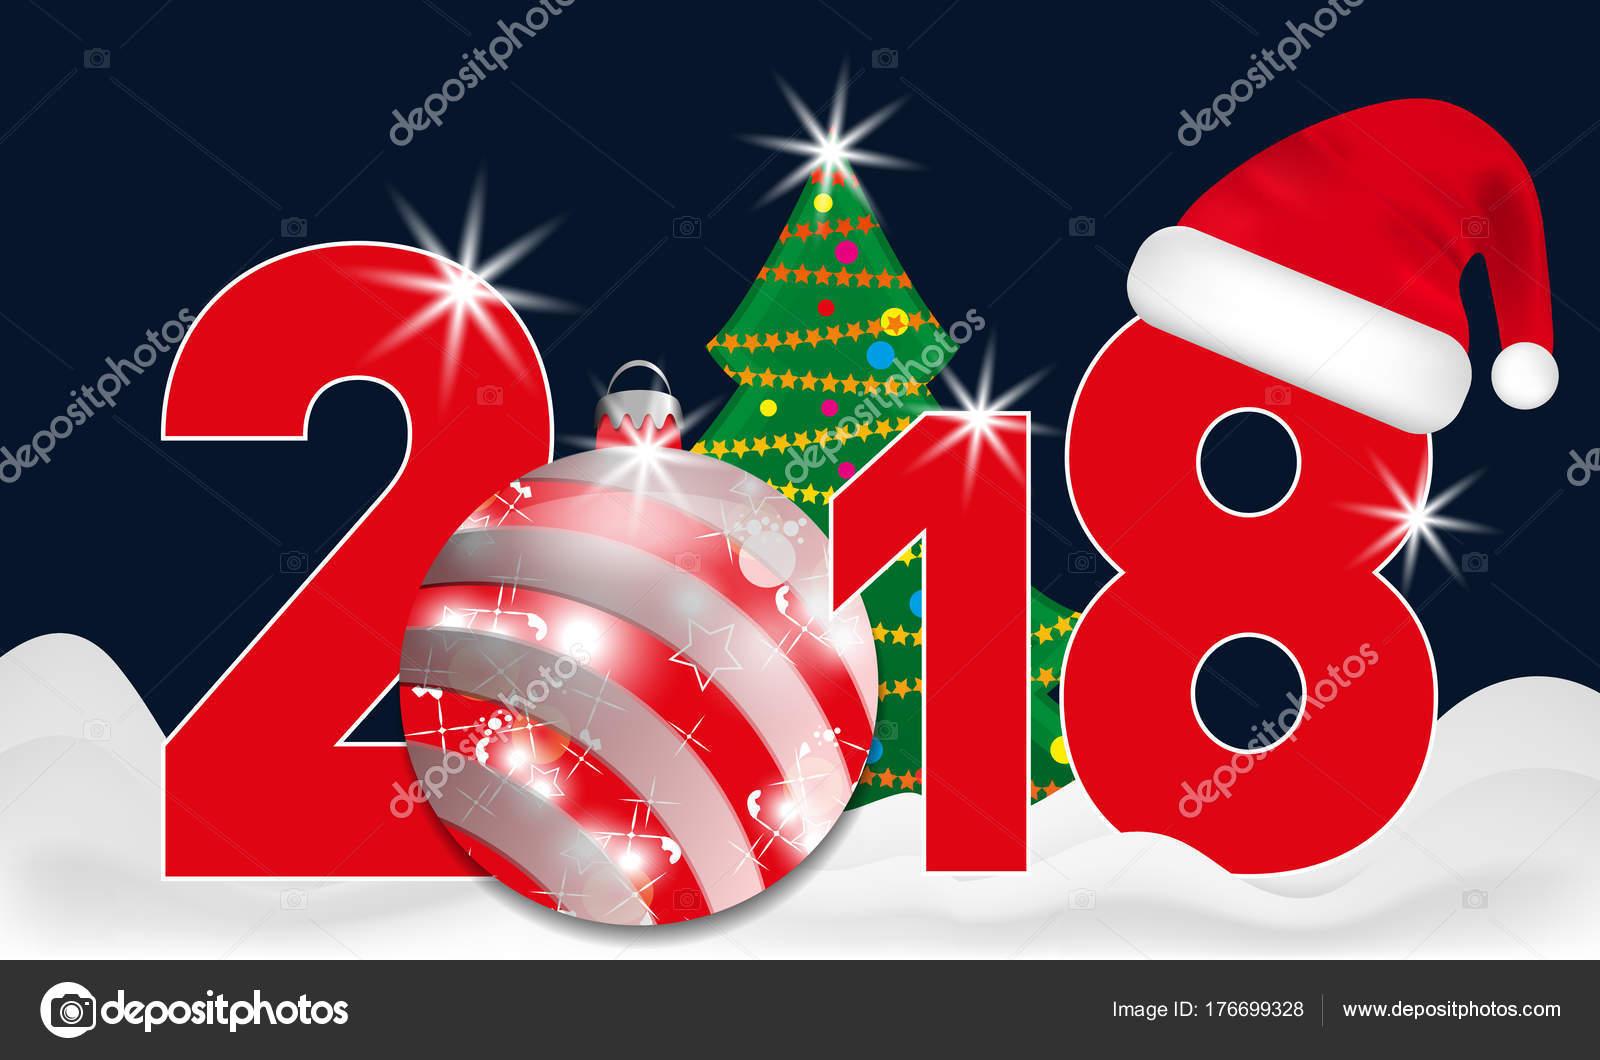 2018 jahr zahlen mit weihnachtsbaum und rote kugel und. Black Bedroom Furniture Sets. Home Design Ideas